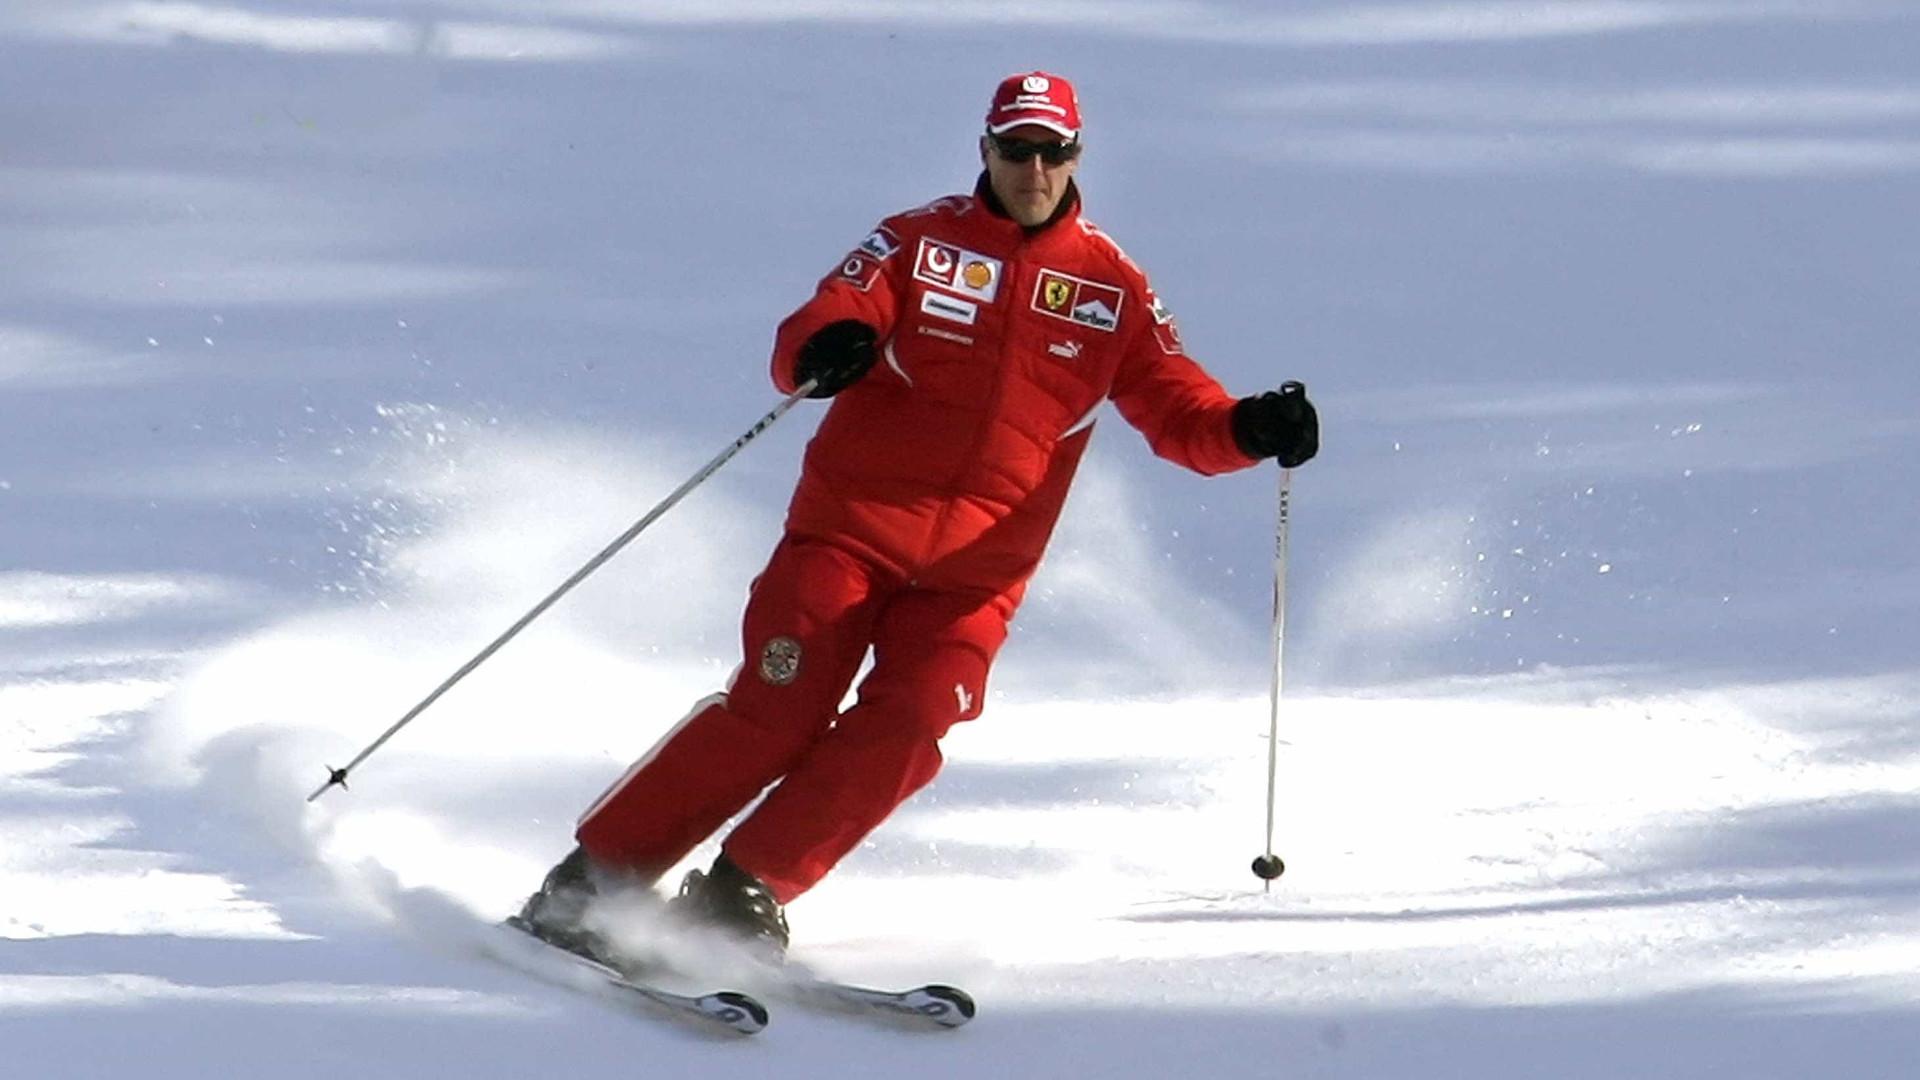 Acidente faz 4 anos, e mistério sobre estado de Schumacher só aumenta